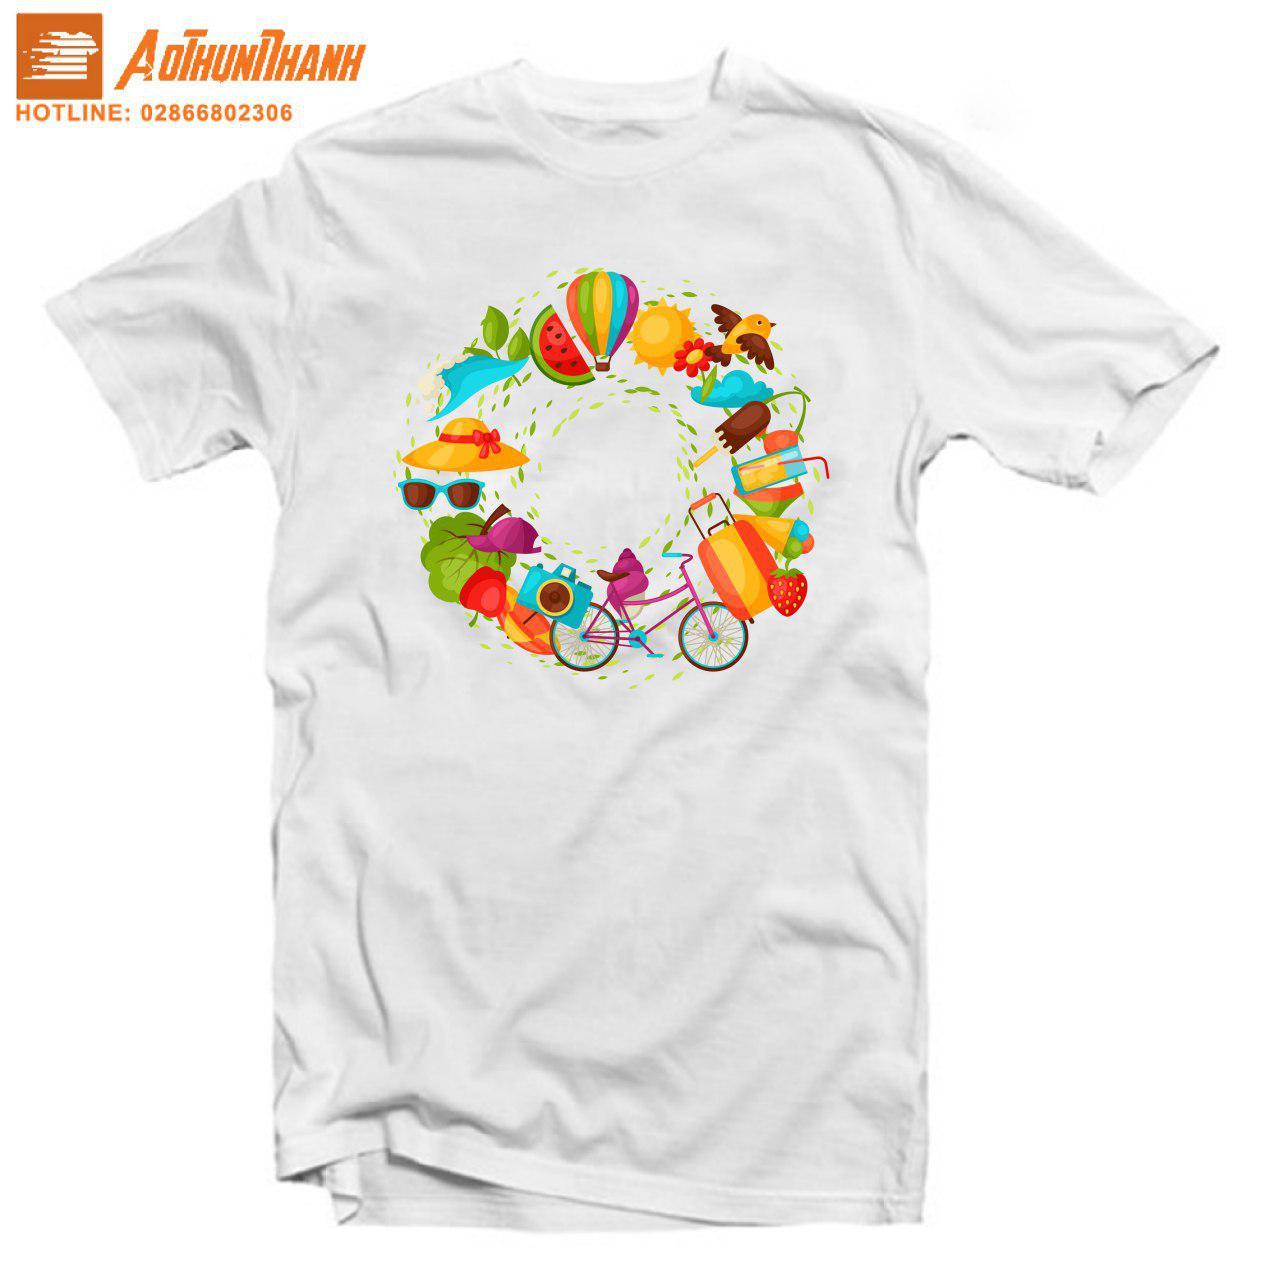 Những ý tưởng thiết kế áo nhóm độc đáo, sáng tạo tại ATN